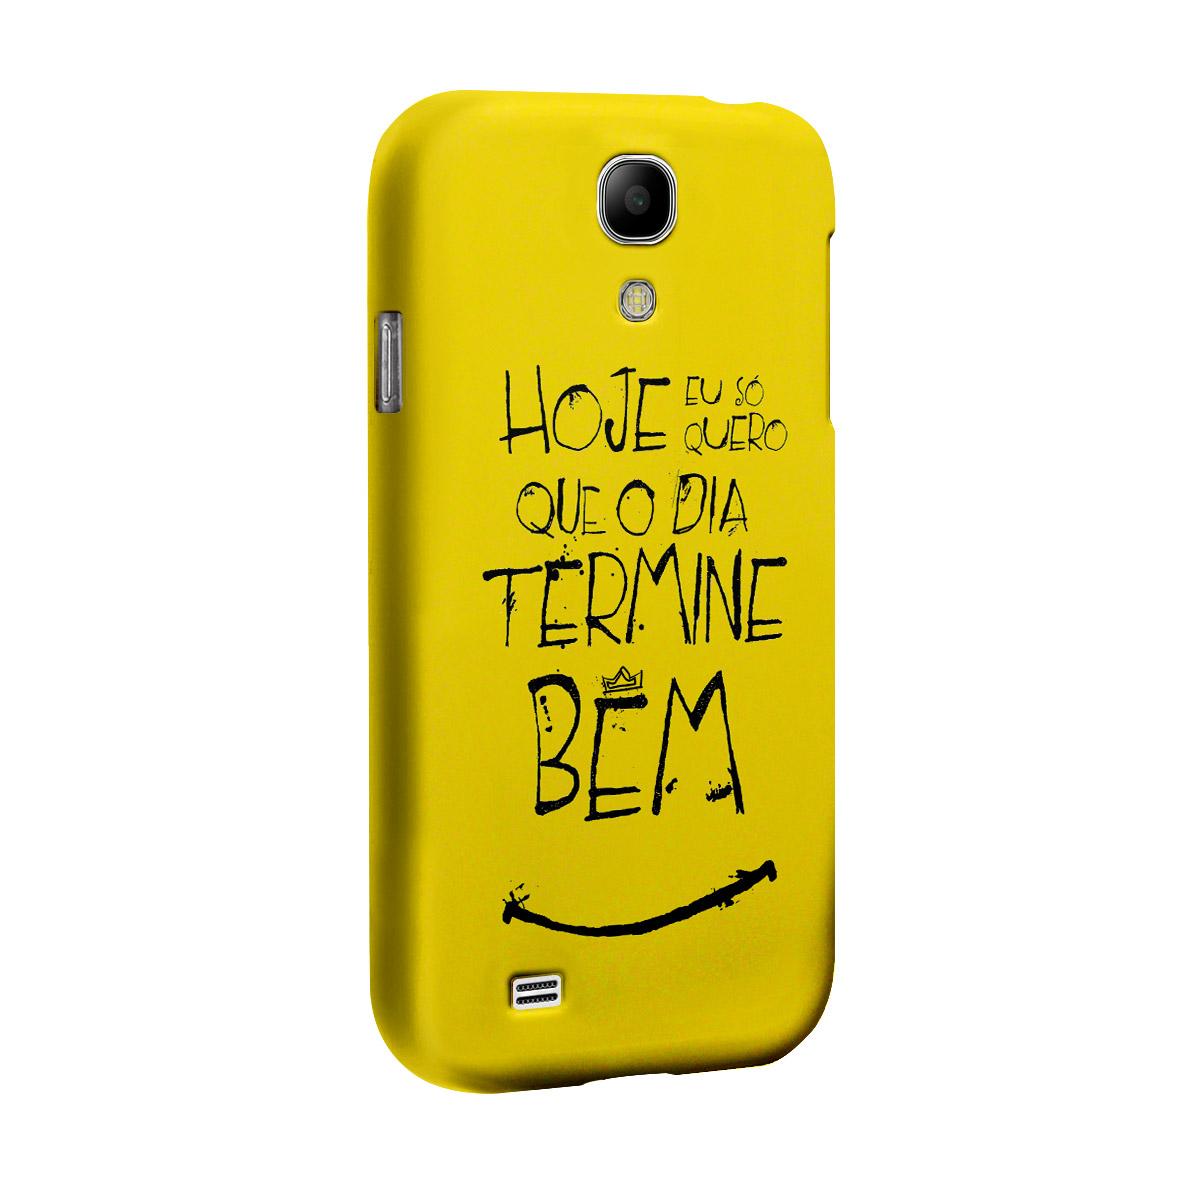 Capa de Celular Samsung Galaxy S4 Thiaguinho Simples Desejo